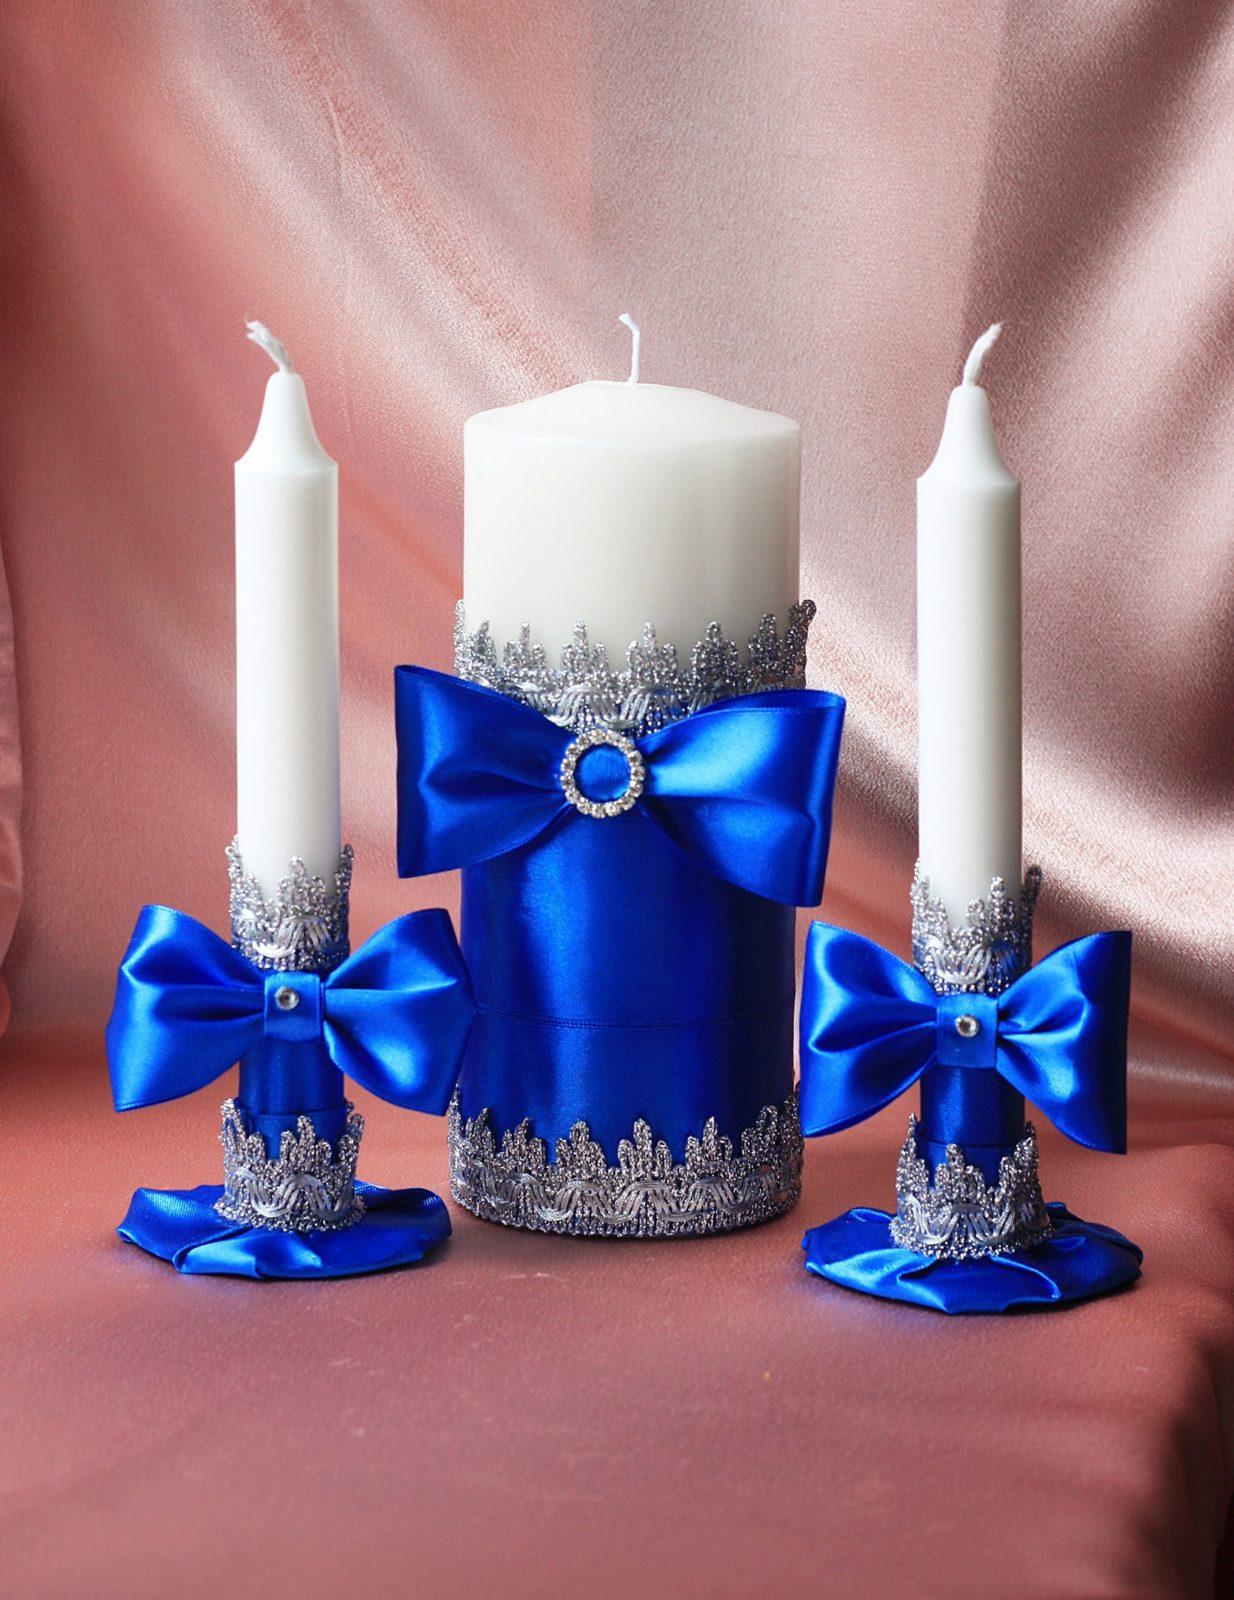 картинки свадебные свечи своими руками попытке ввести влагалище